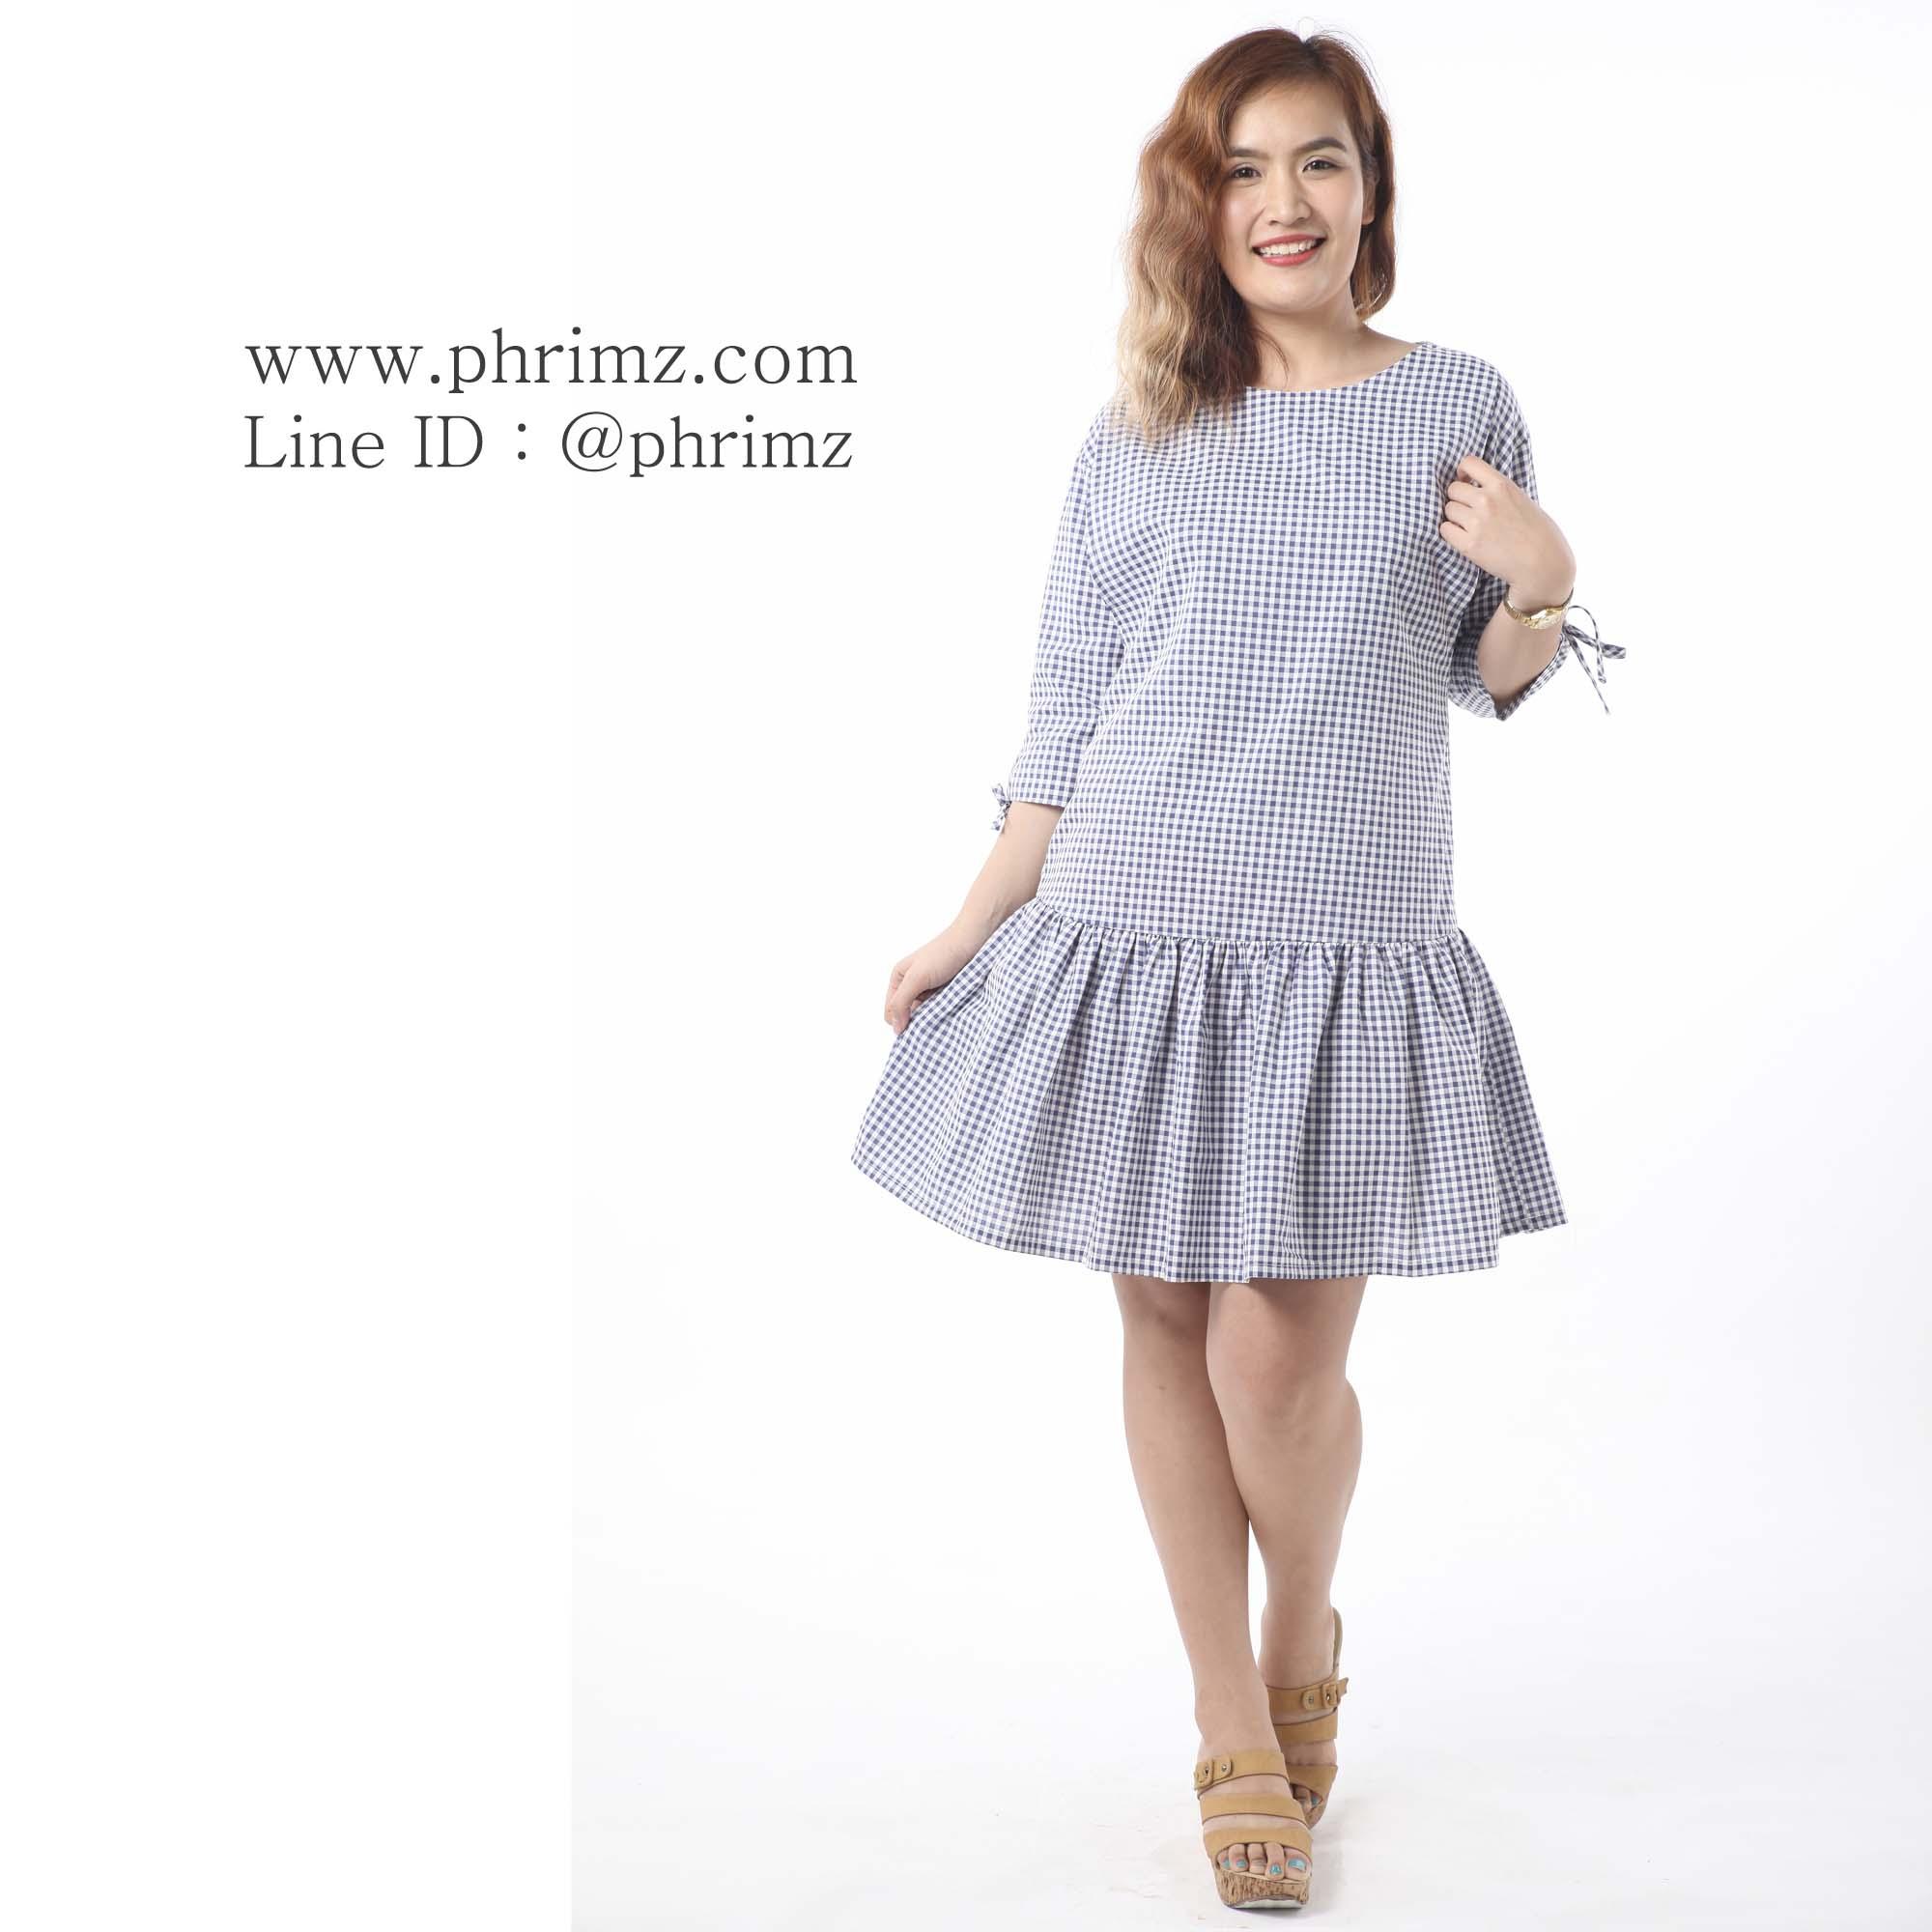 ชุดให้นม Phrimz : Briony Breastfeeding Dress - Navy Blue สีกรมท่า